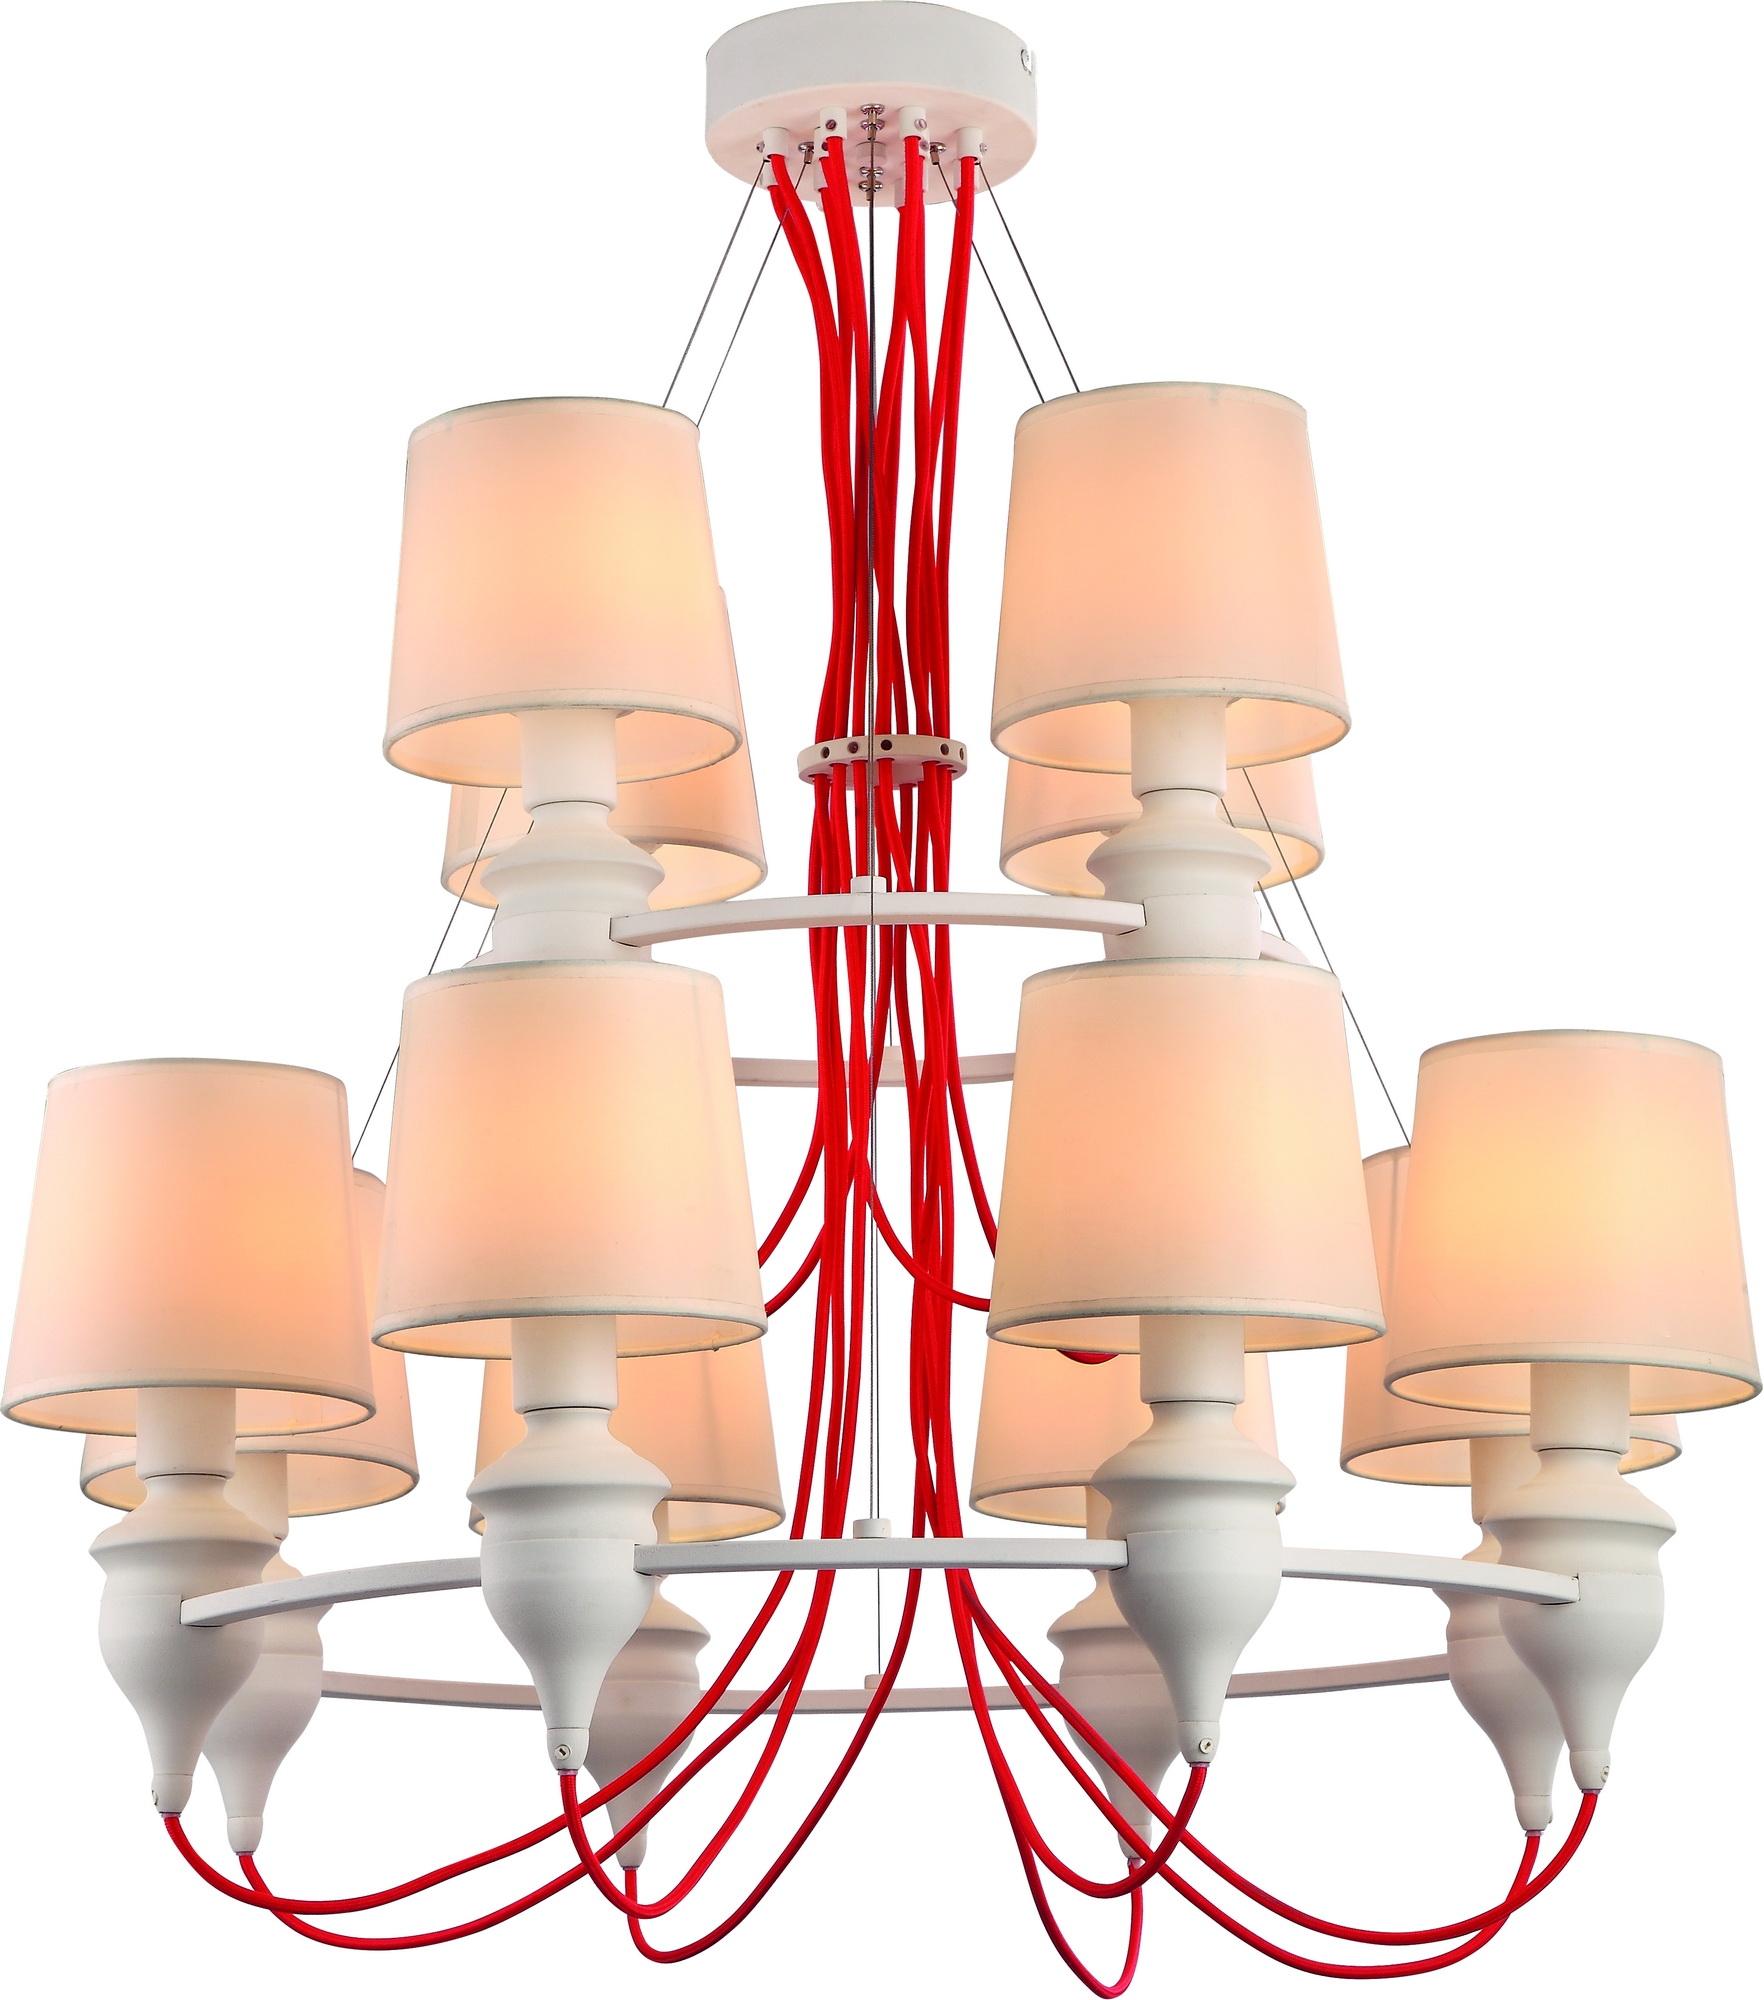 Люстра Arte lampЛюстры<br>Назначение светильника: для комнаты,<br>Стиль светильника: модерн,<br>Тип: подвесная,<br>Материал светильника: металл, ткань,<br>Материал плафона: ткань,<br>Материал арматуры: металл,<br>Длина (мм): 810,<br>Ширина: 810,<br>Высота: 1000,<br>Количество ламп: 12,<br>Тип лампы: накаливания,<br>Мощность: 40,<br>Патрон: Е14,<br>Цвет арматуры: белый,<br>Коллекция: sergio 3325<br>